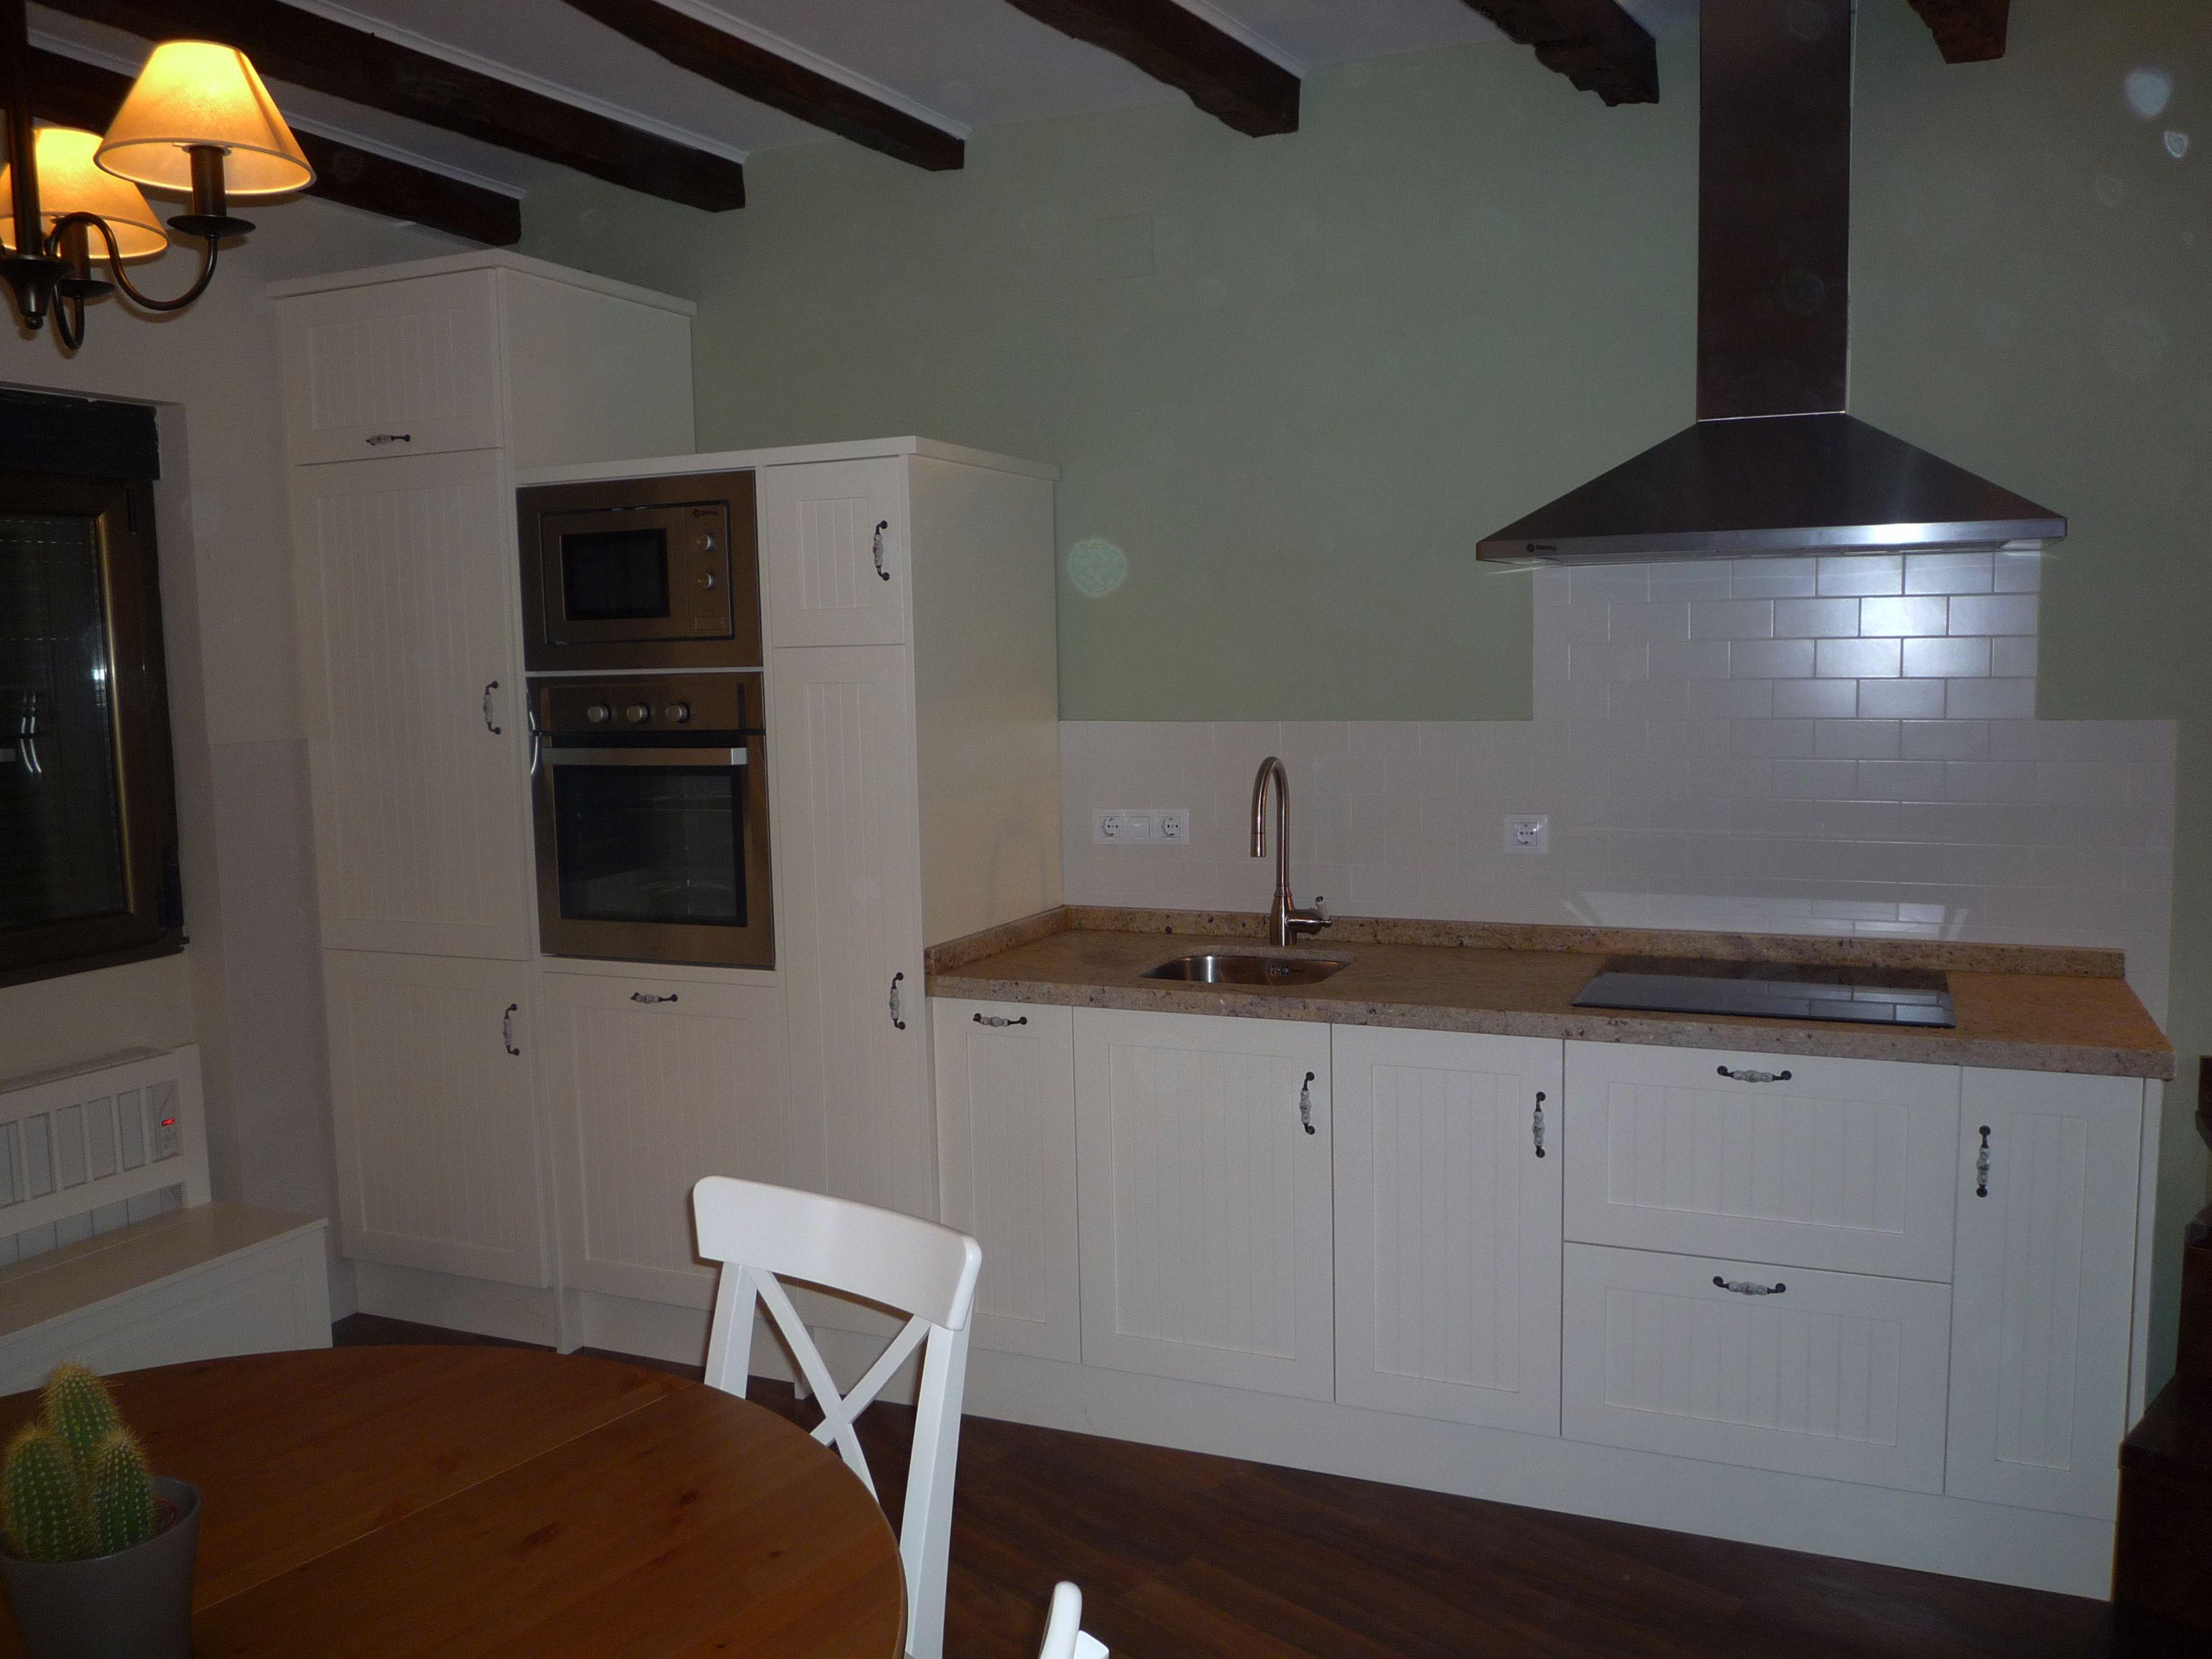 Fabricación de muebles de cocina a medida en Asturias